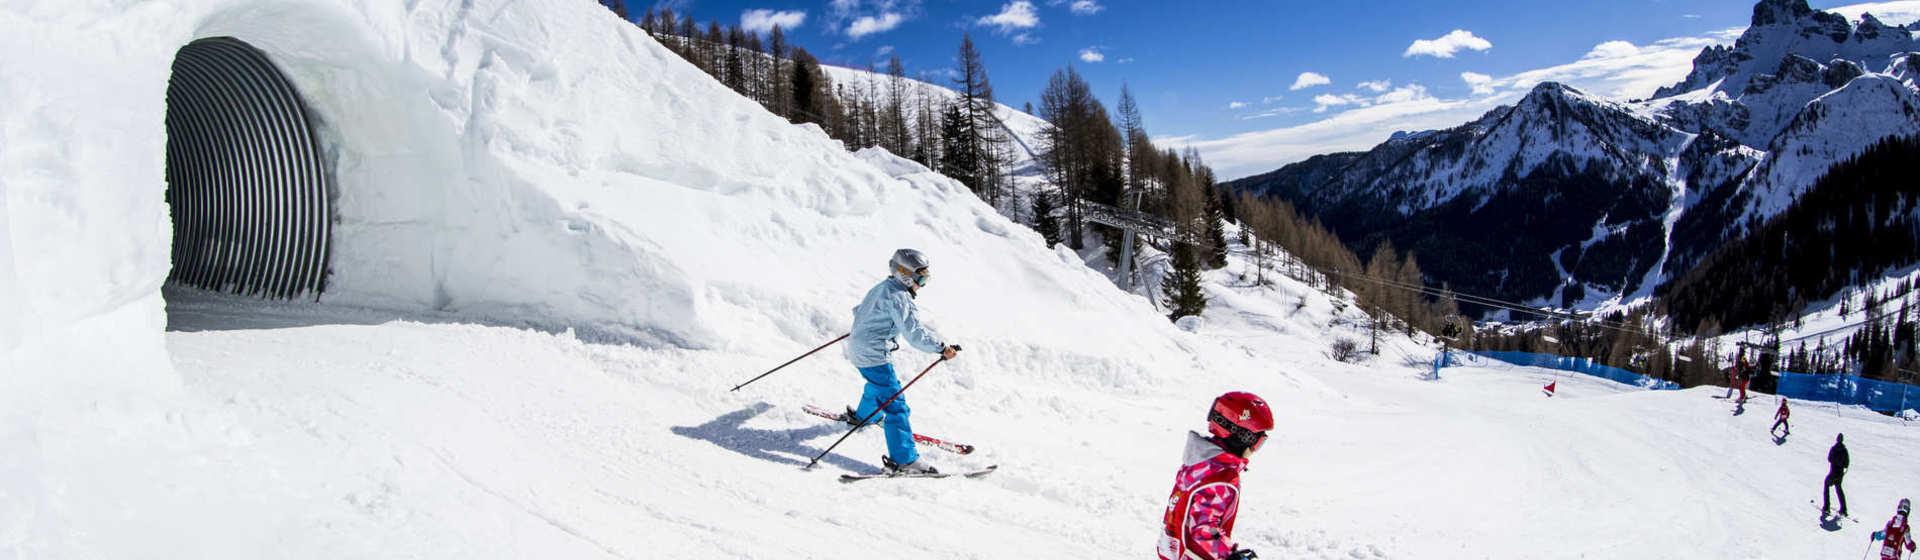 Arabba offre ancora Sciate indimenticabili sulle Dolomiti